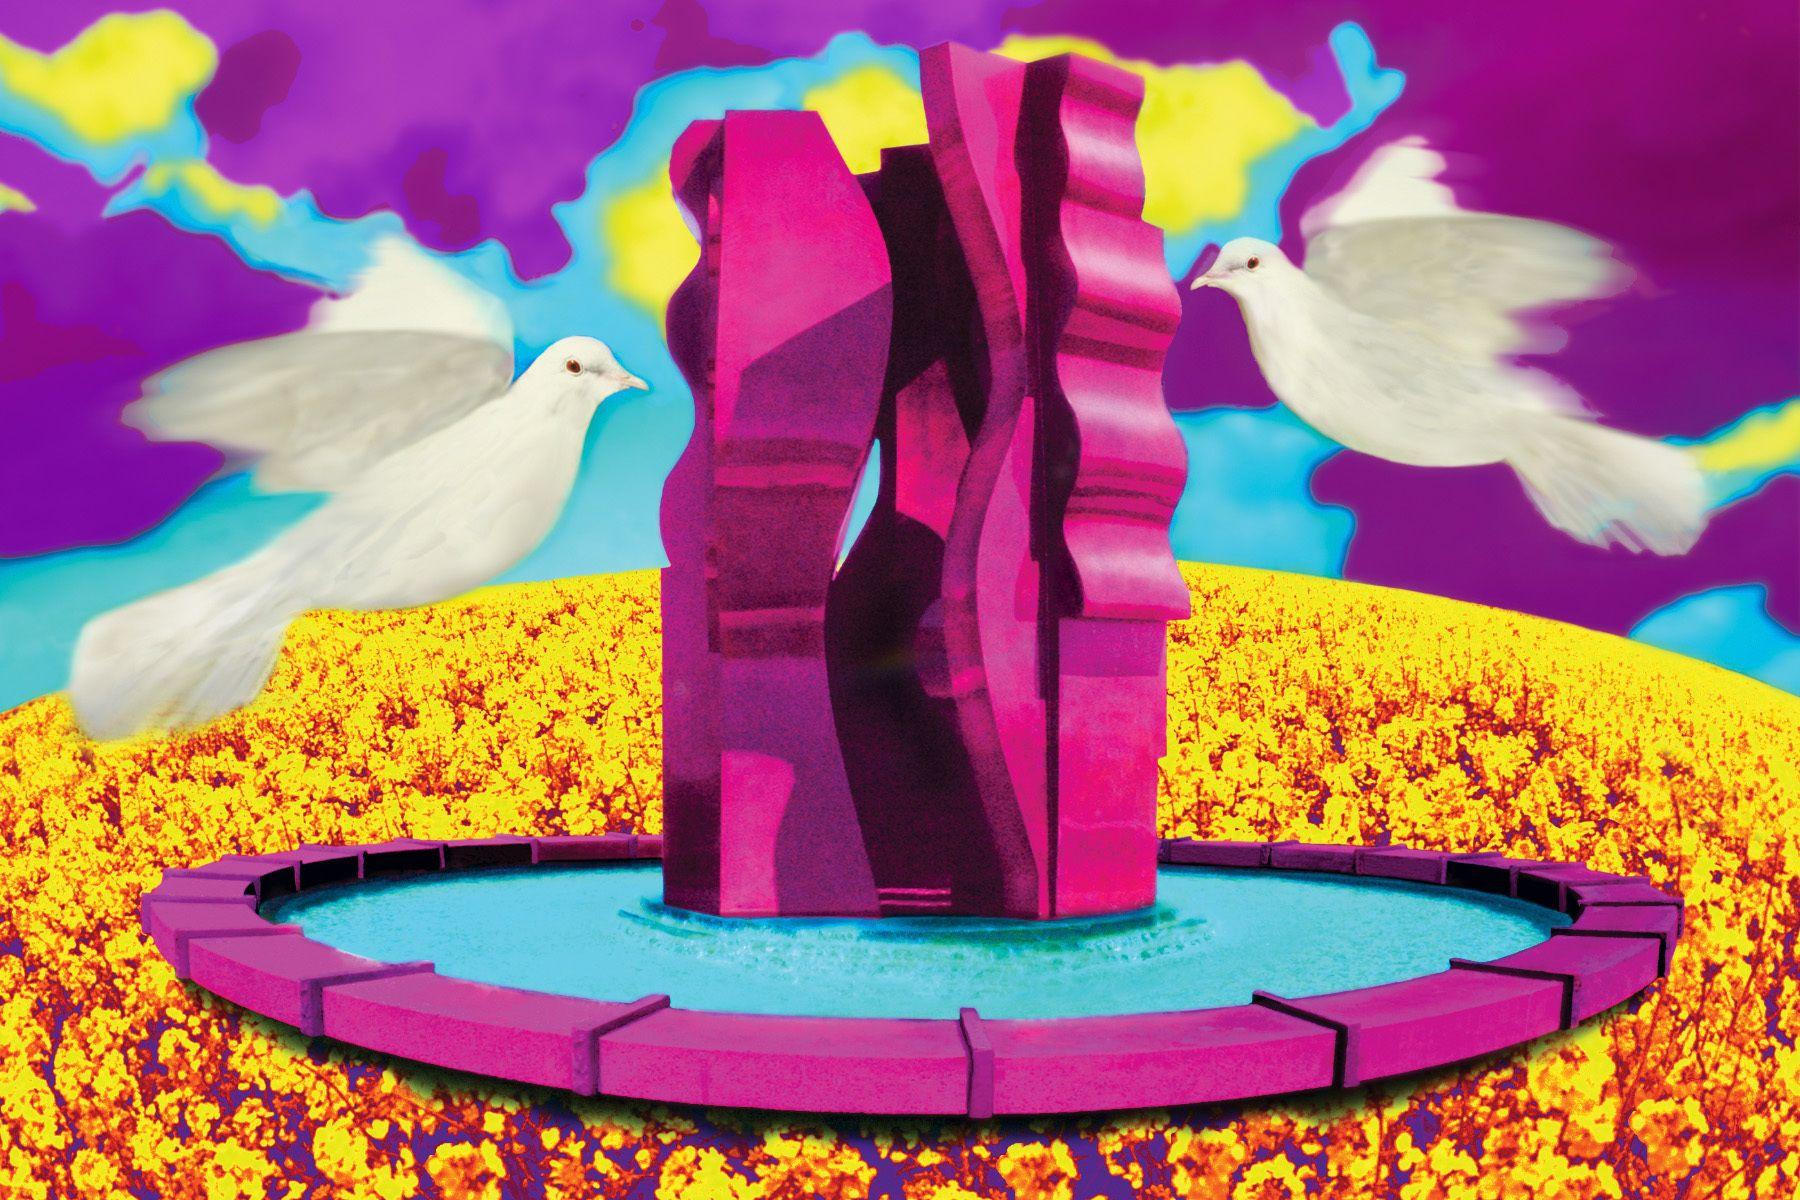 24_0_50_1d_gottlieb_peace_sculpture.jpg